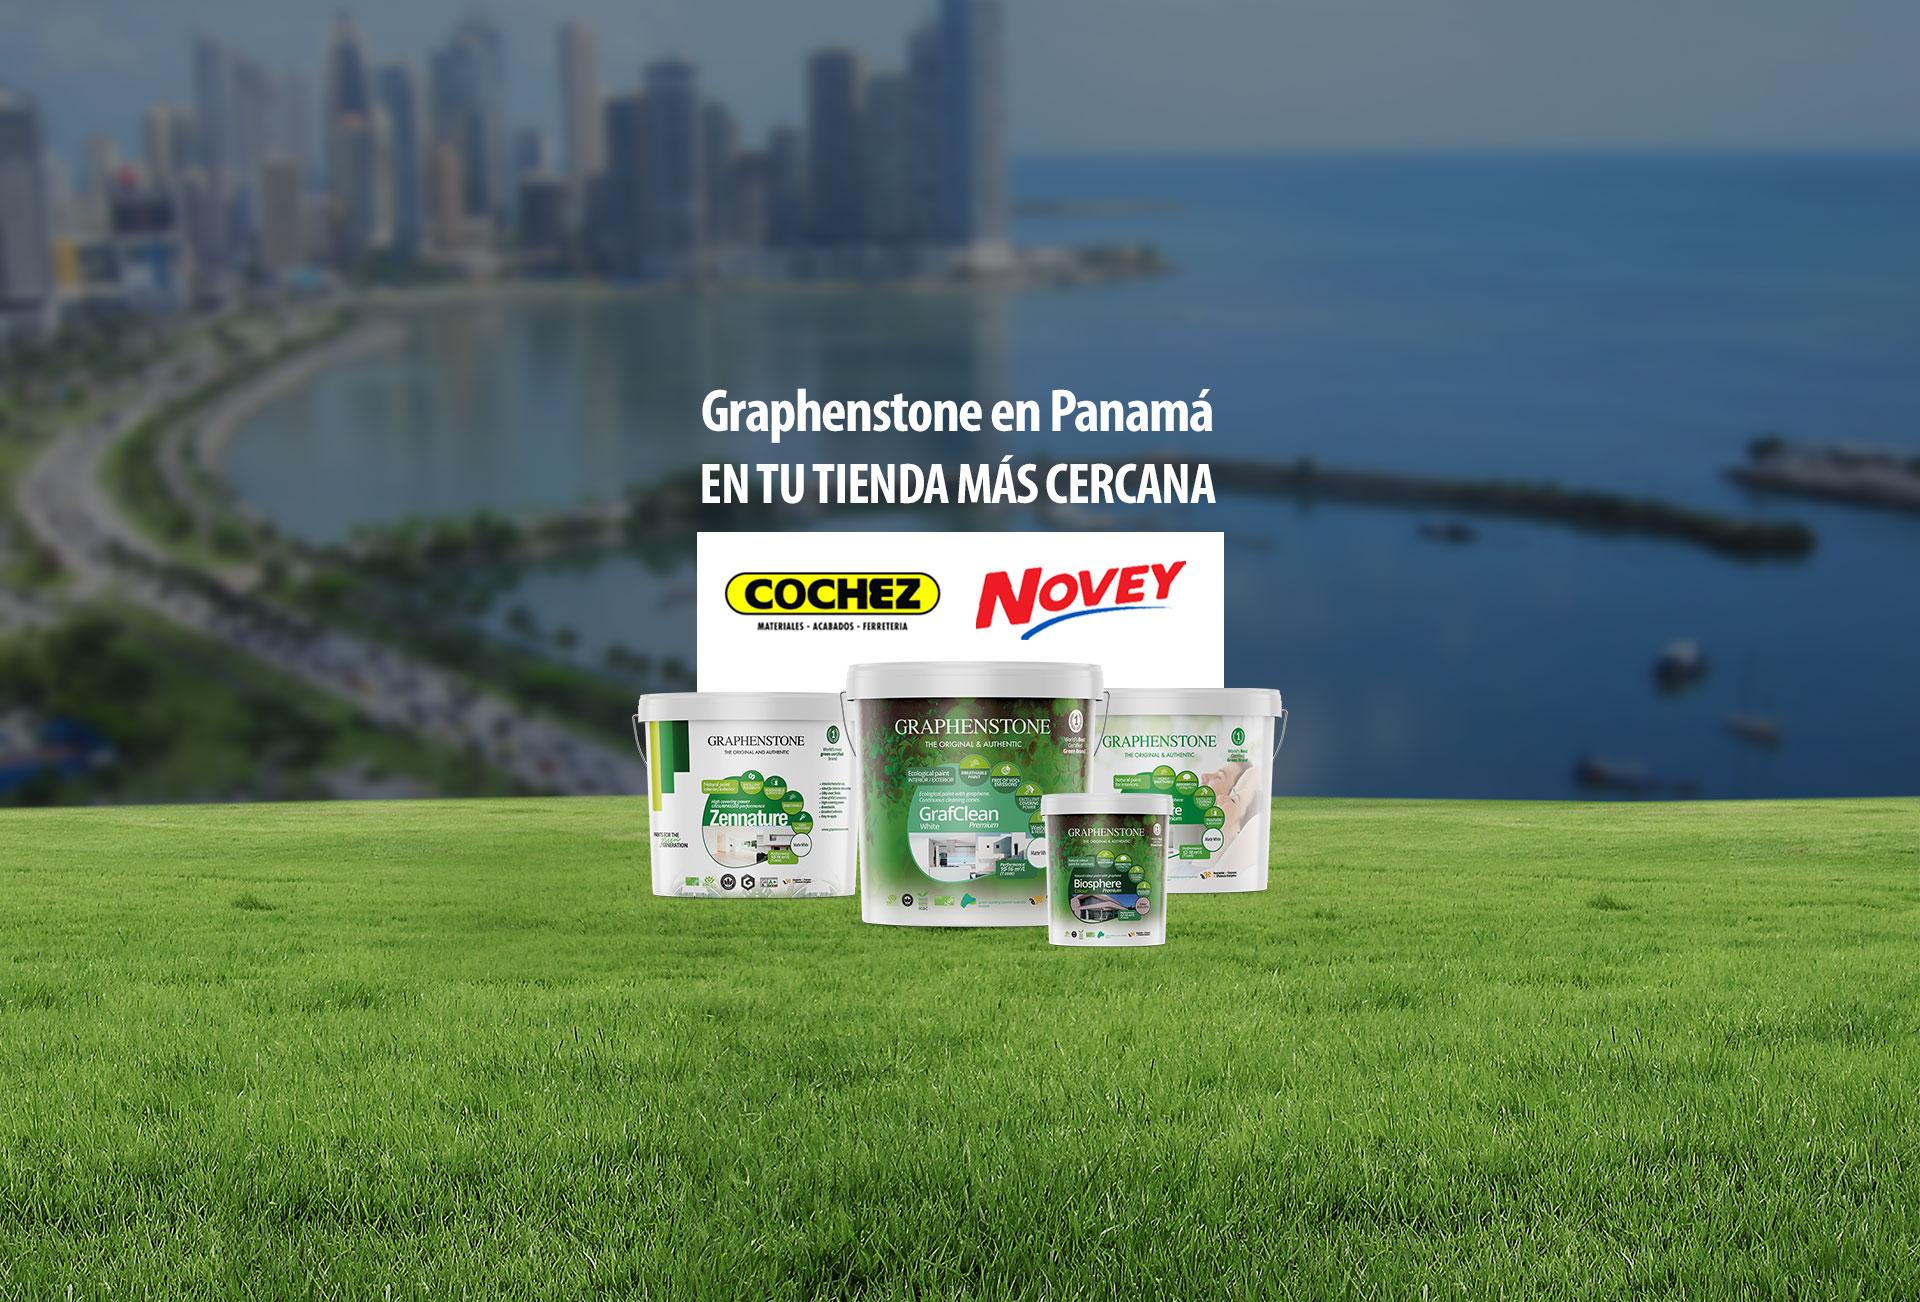 Productos Graphenstone en tiendas Novey y Cochez